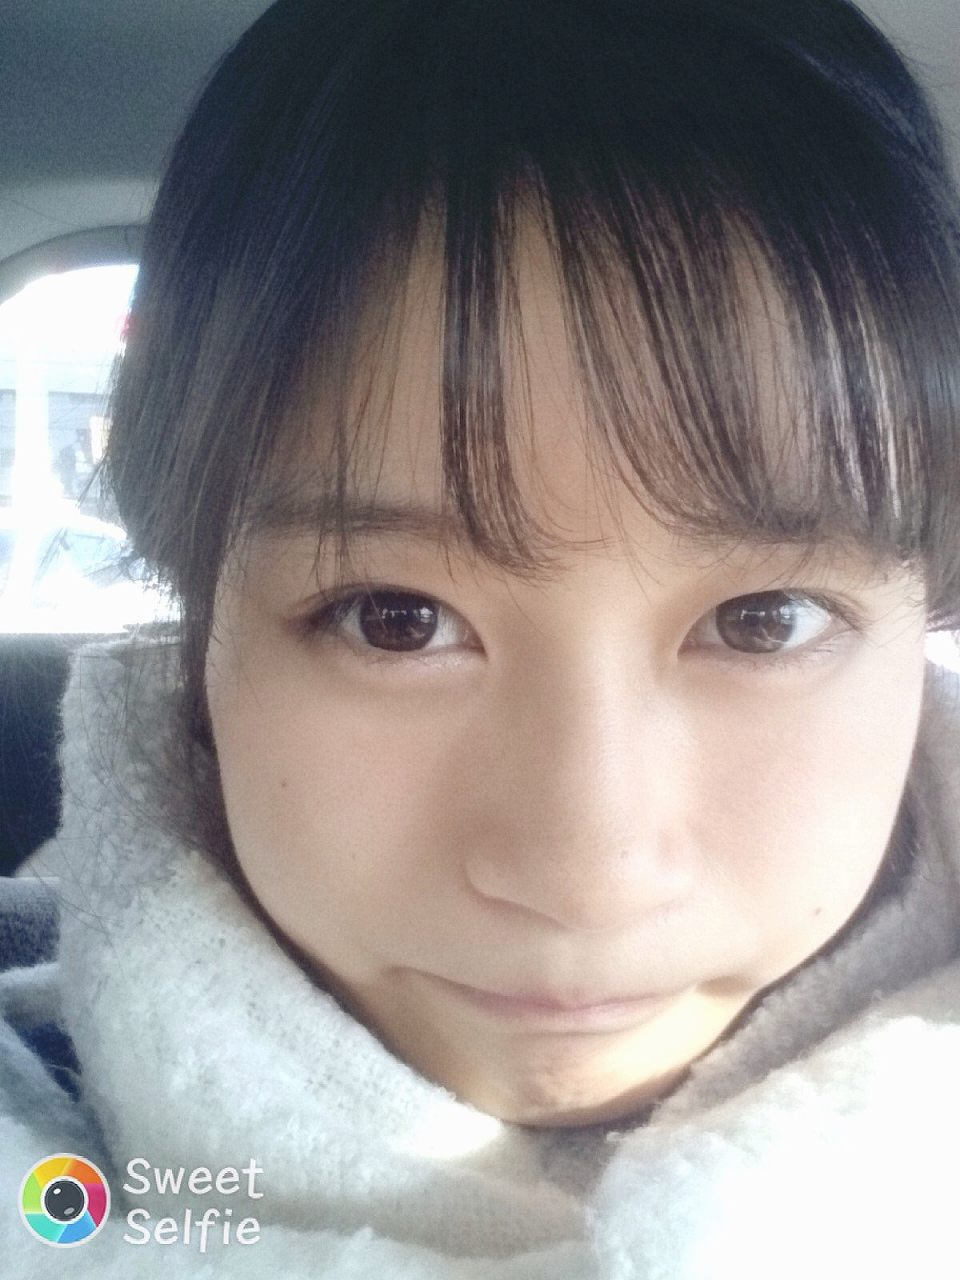 可愛い女の子の自撮り画像